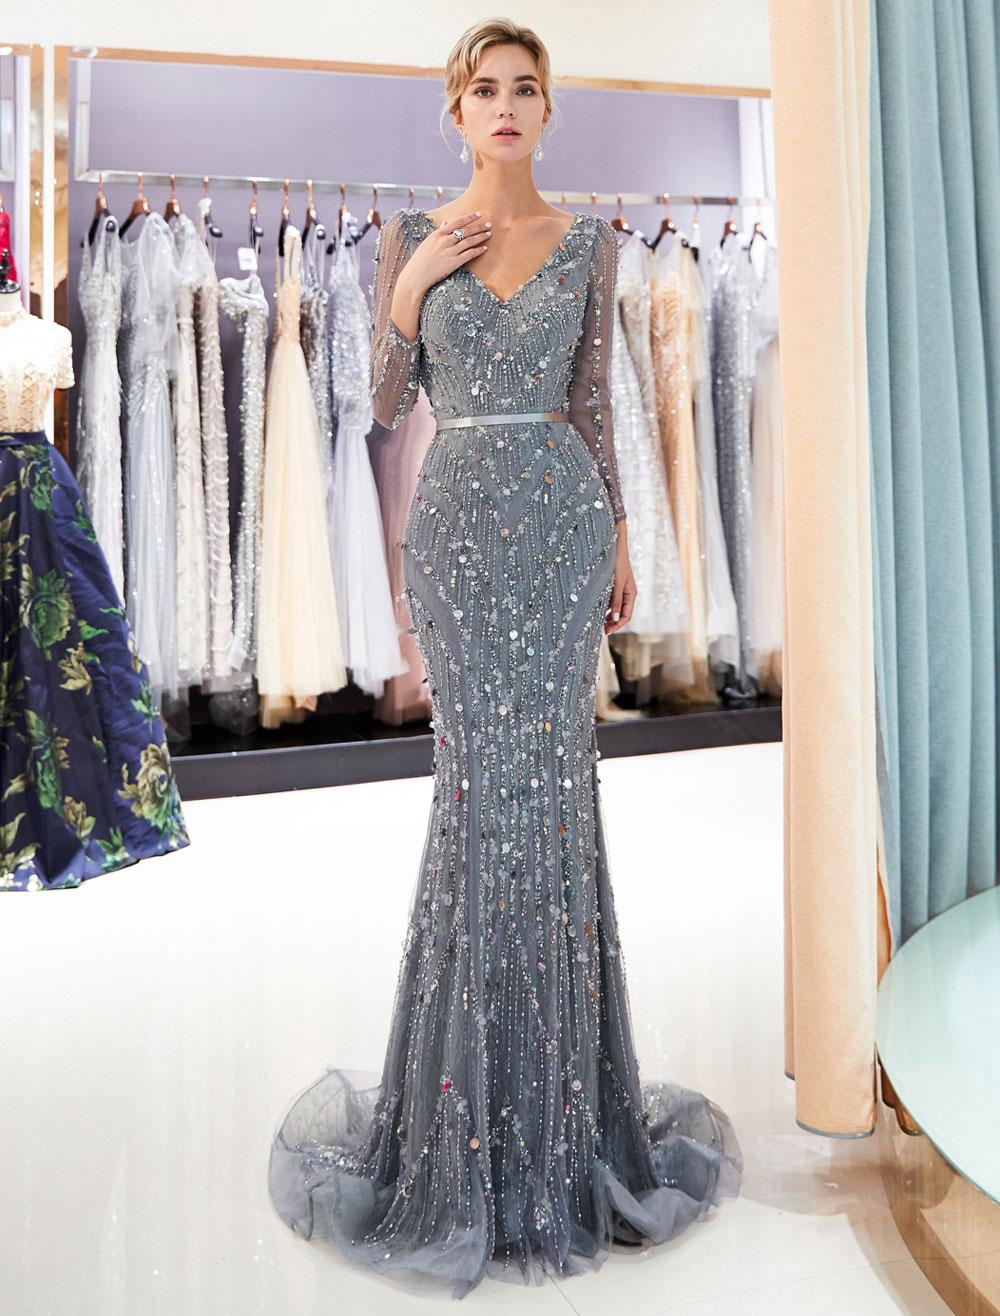 Kleider für besondere Anlässe, Festliche Kleider  Milanoo.com Trends